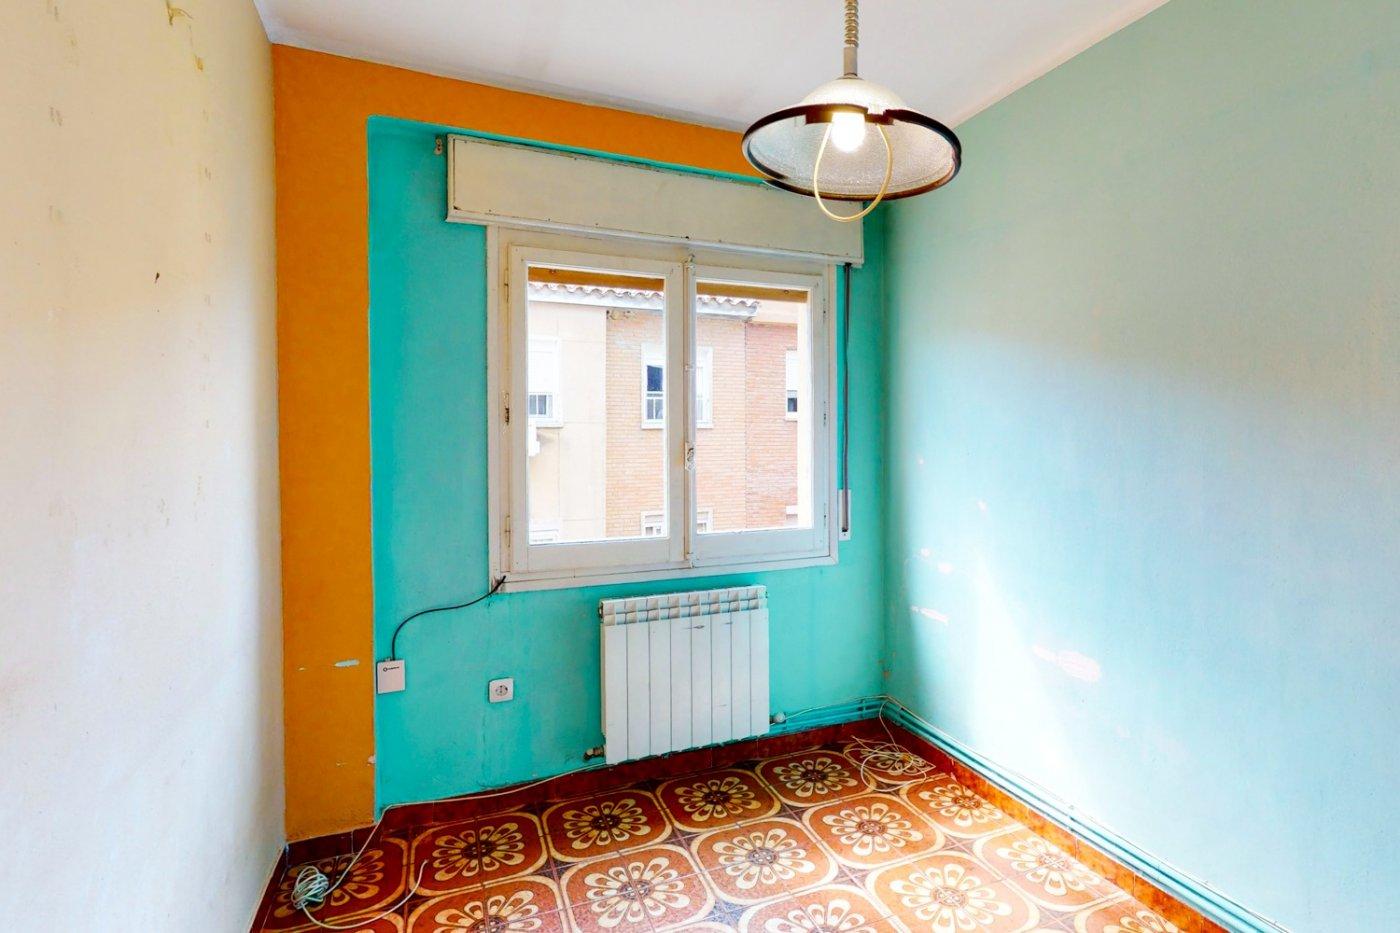 Piso a la venta en c/ lugo, exterior, de tres dormitorios, salon, cocina y baÑo. - imagenInmueble22